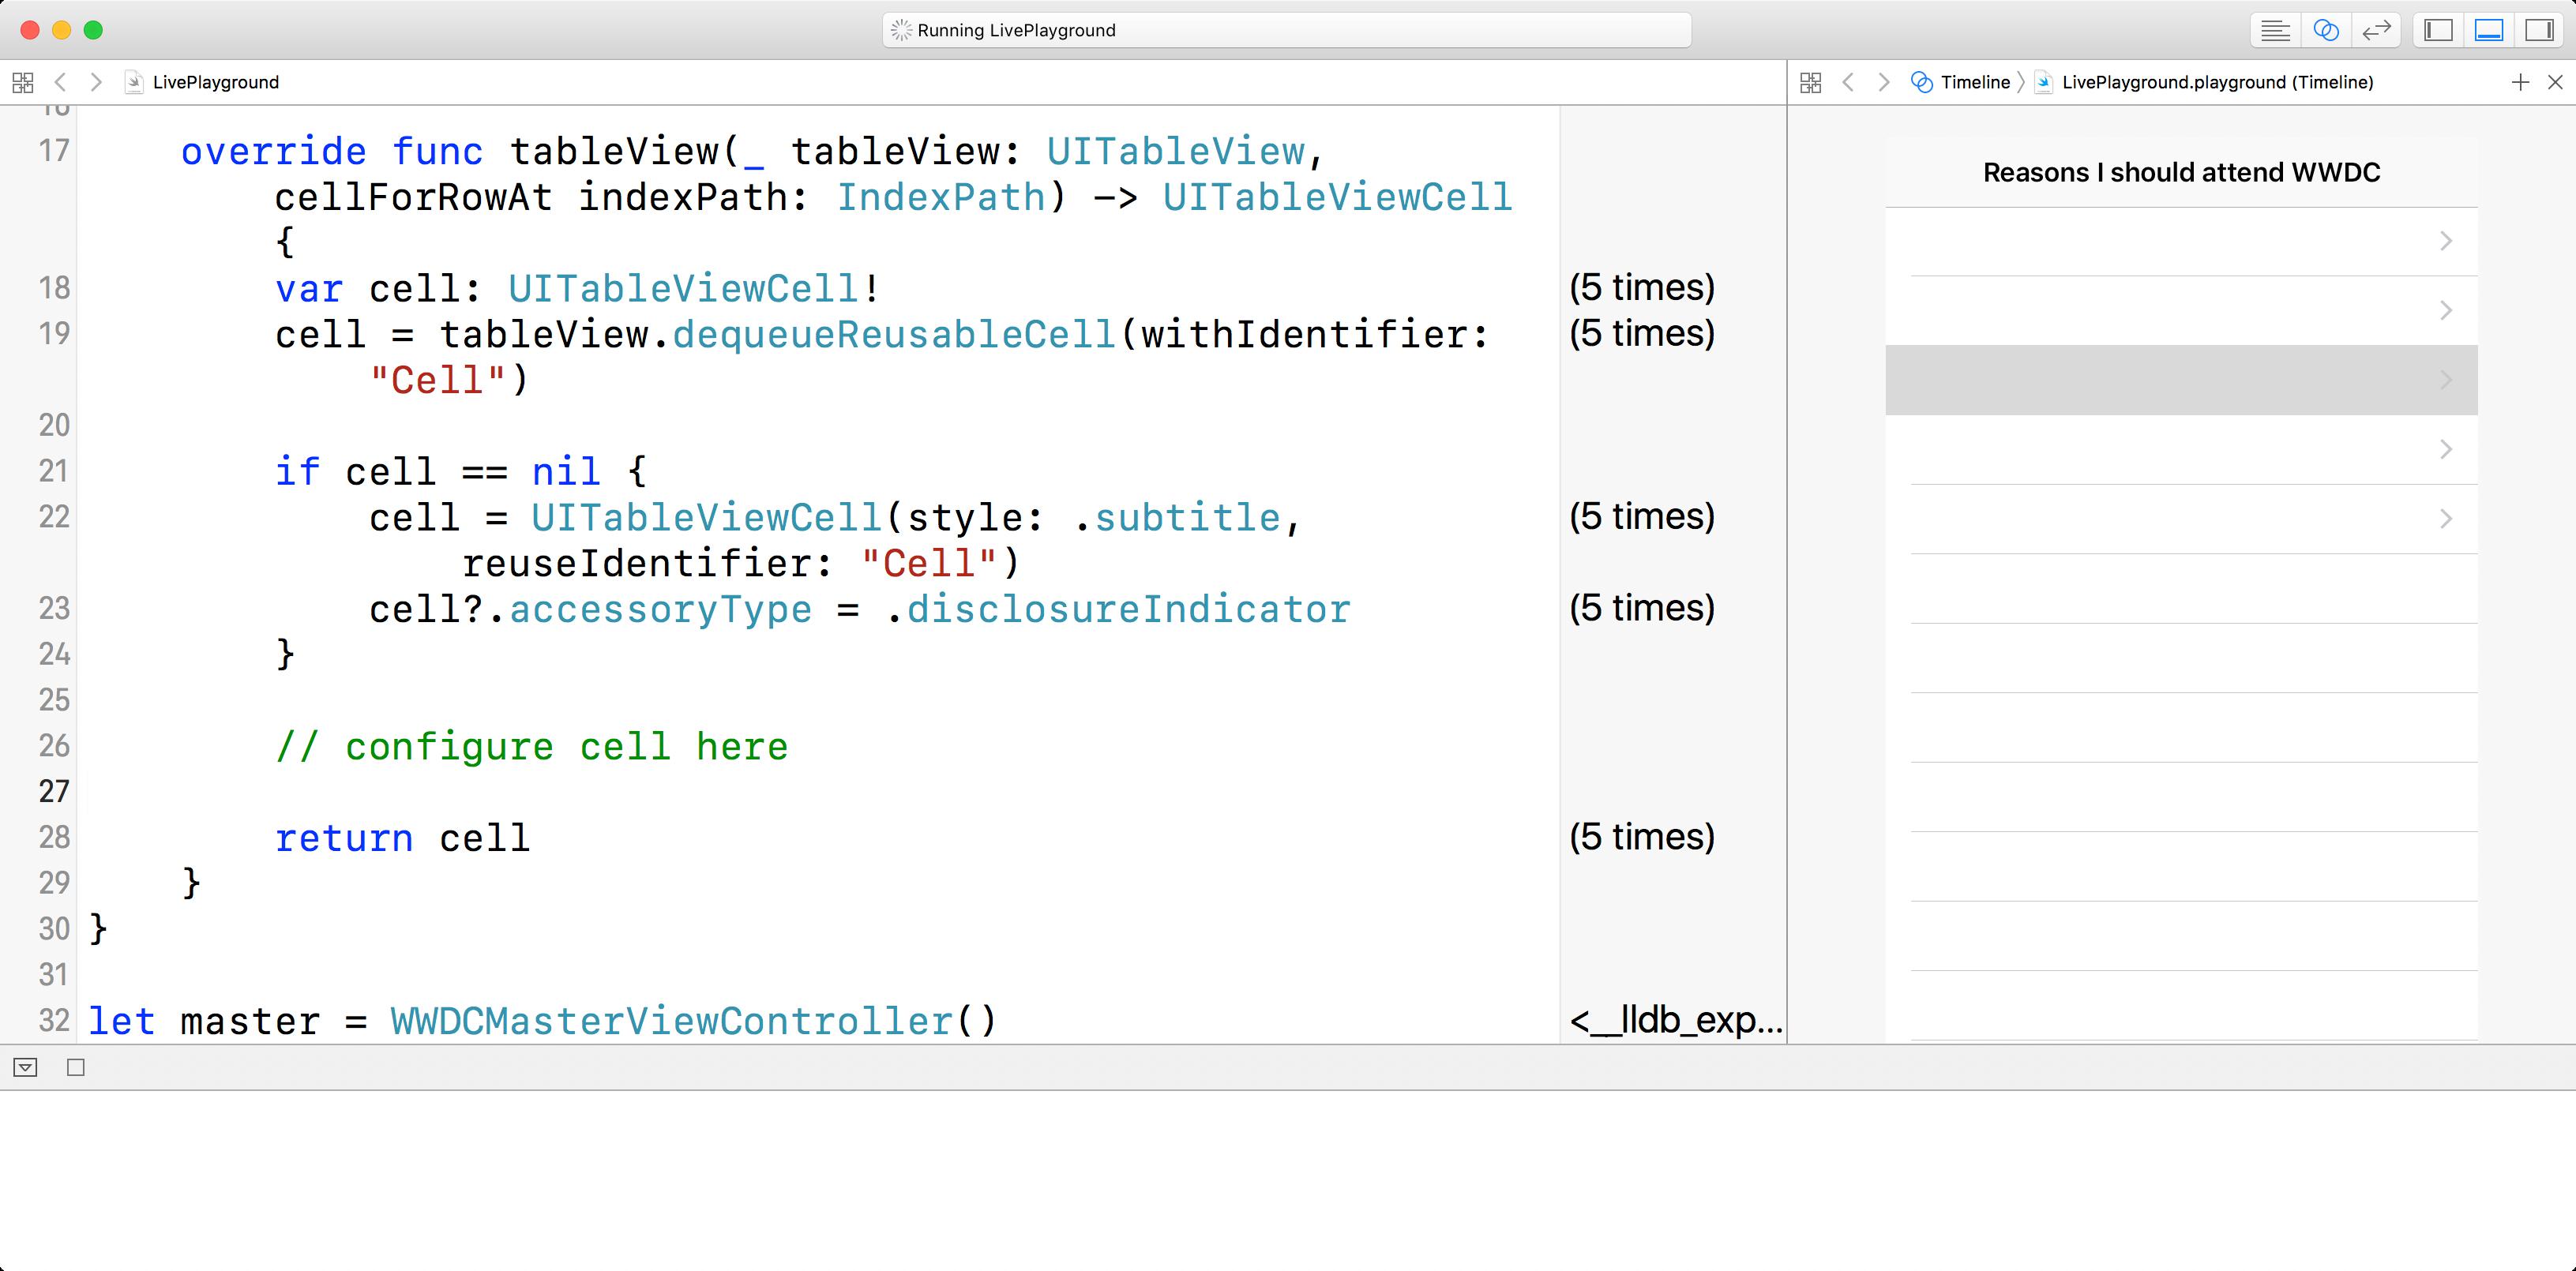 Großzügig Kostenlose Xcode Vorlagen Fotos - Entry Level Resume ...